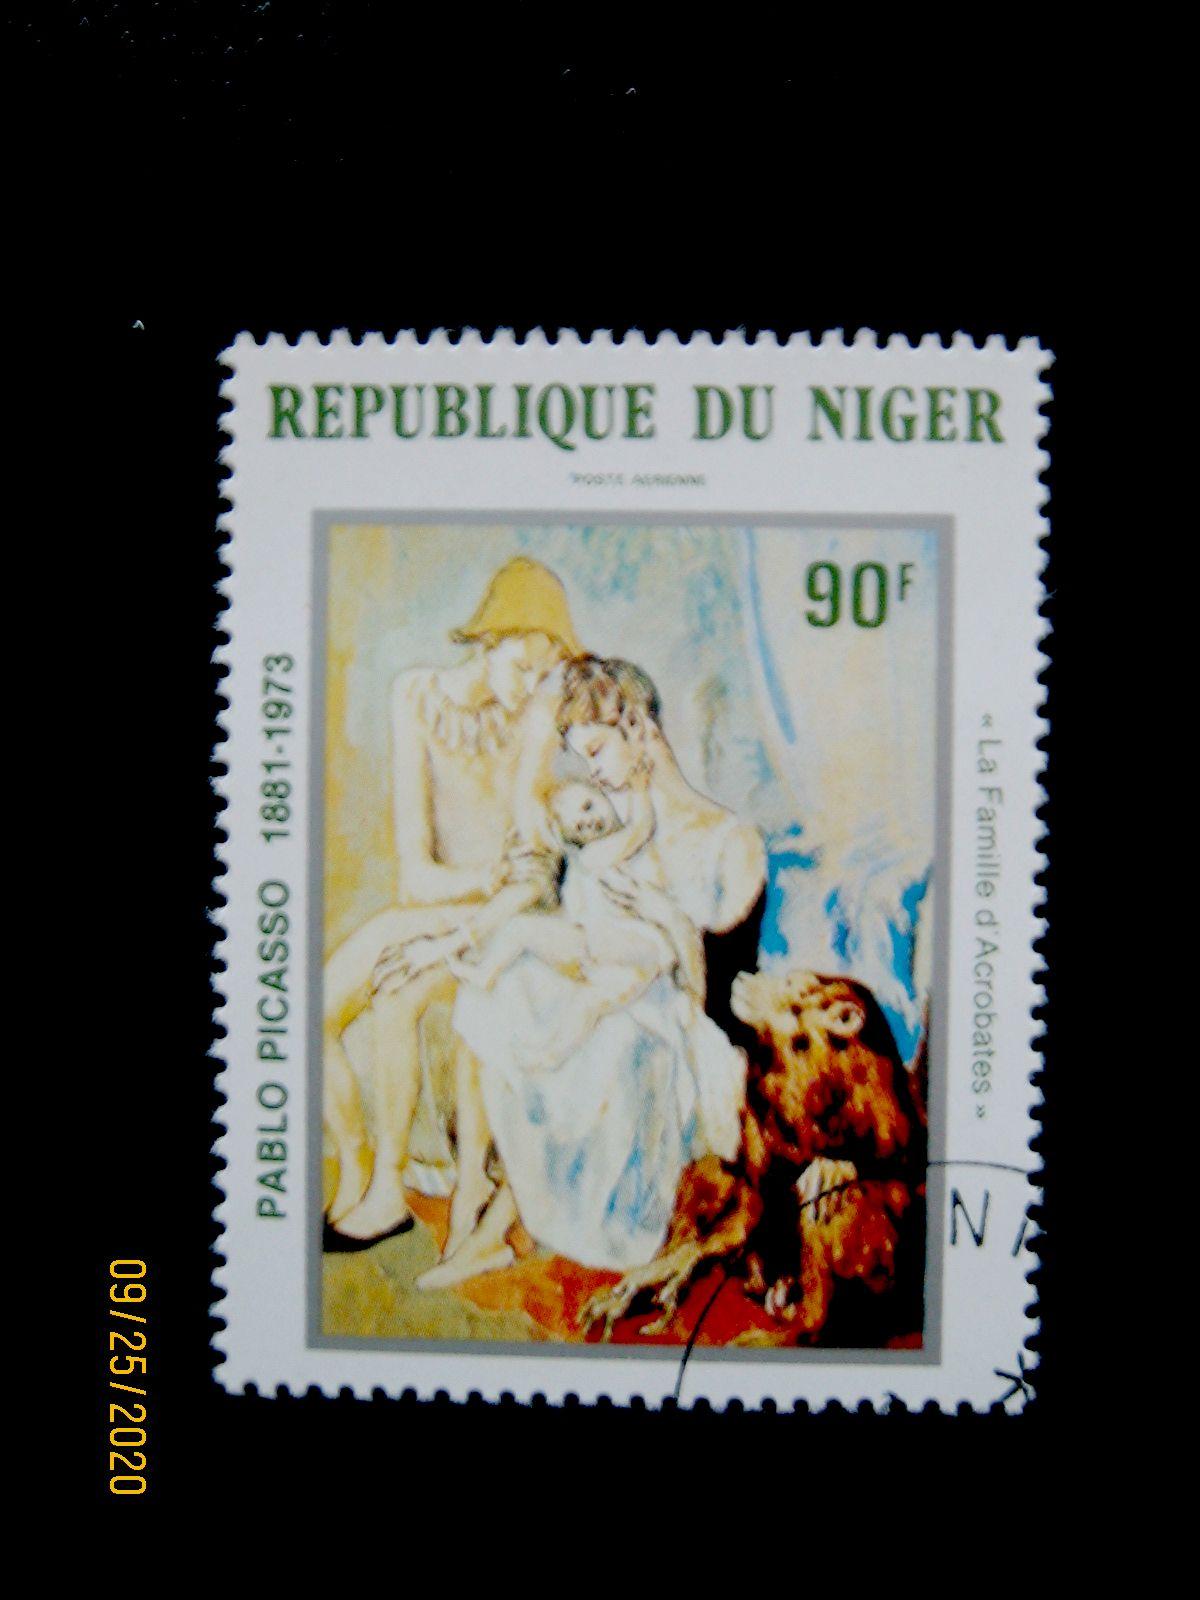 Марка - 90 фр. —   «Семья акробатов с обезьяной» Пабло Пикассо (1905) Нигер